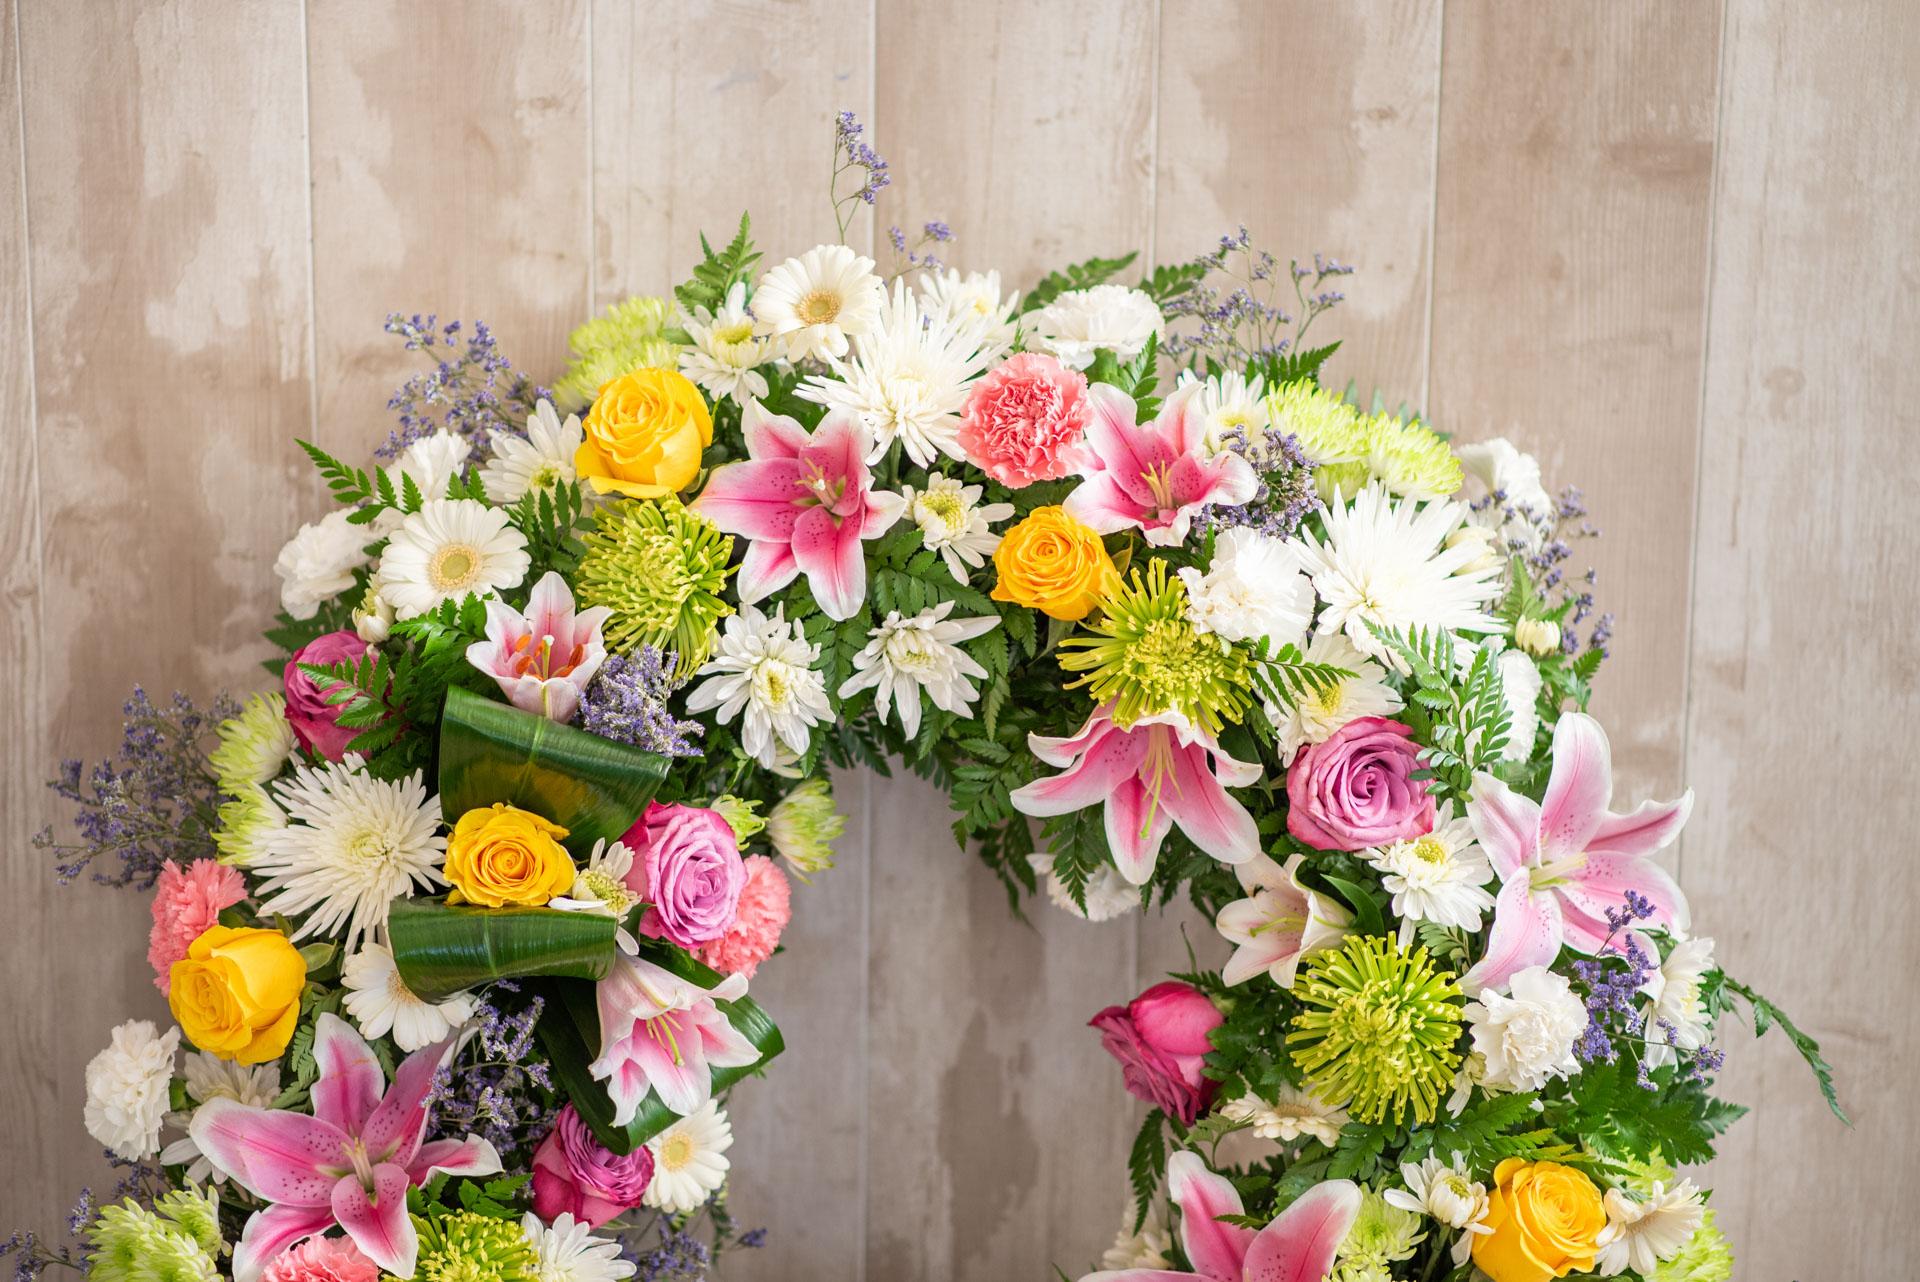 ¿Por qué regalamos flores a los difuntos?